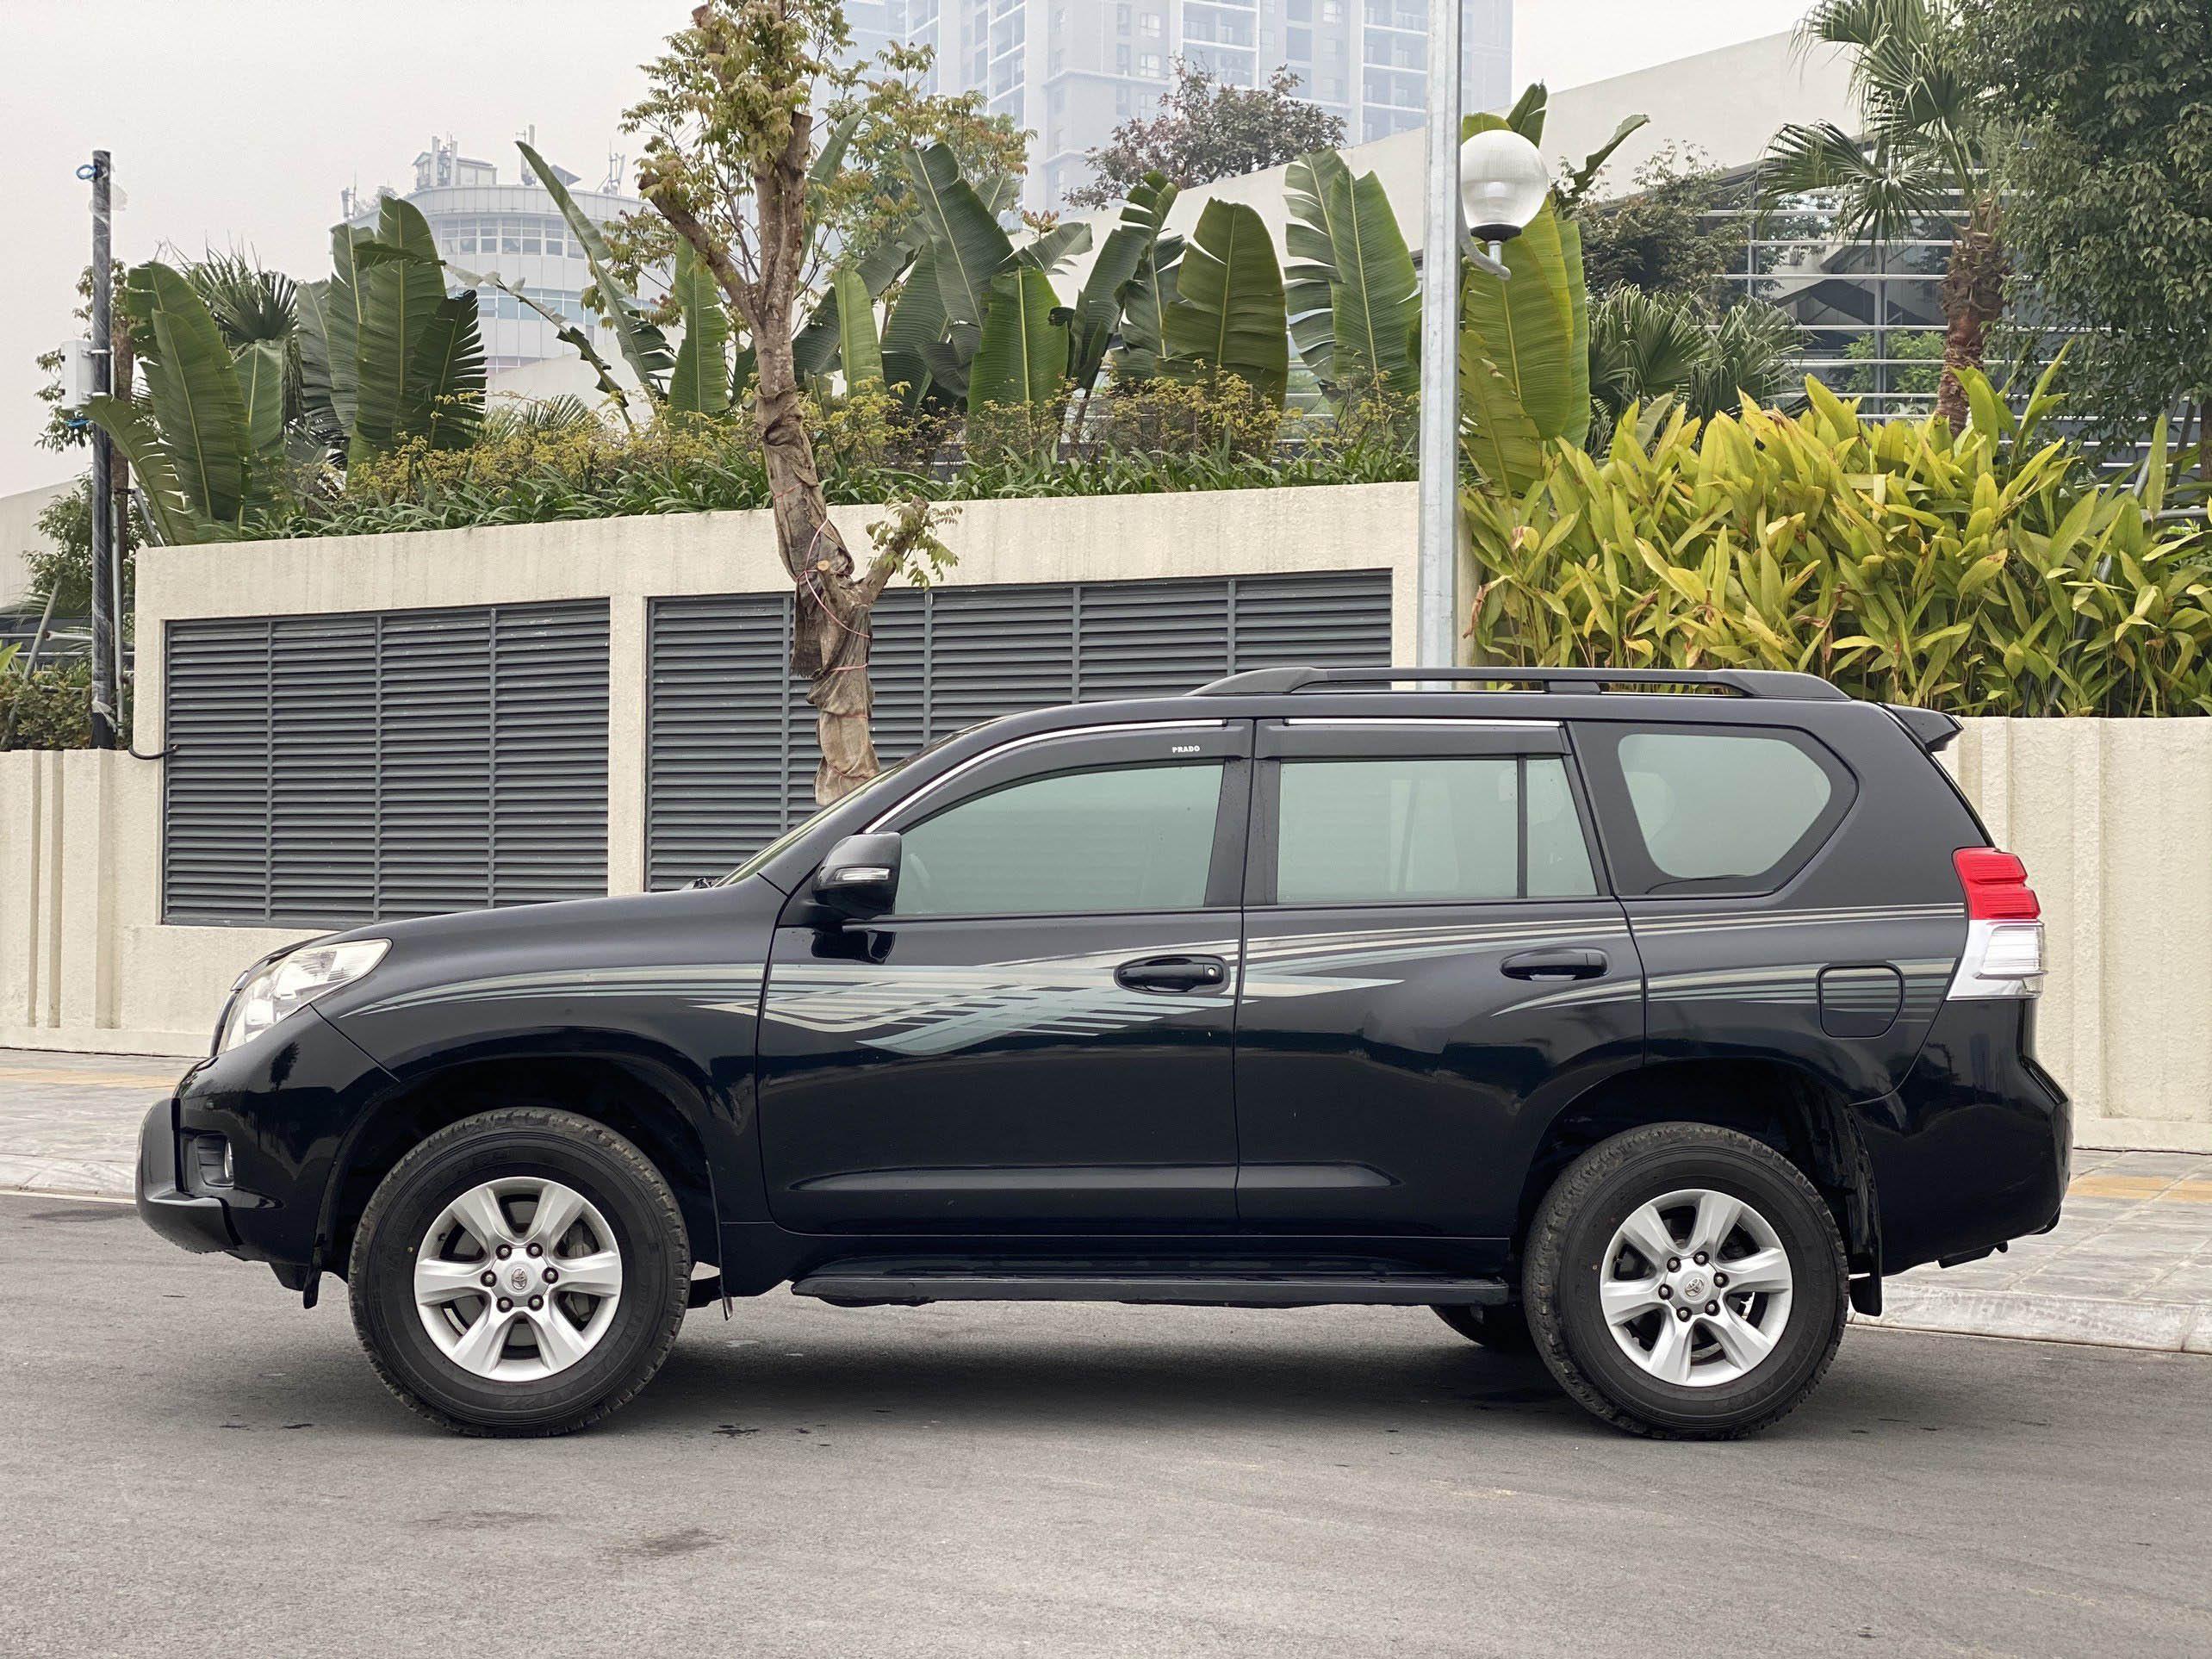 Toyota Prado Sx 2010